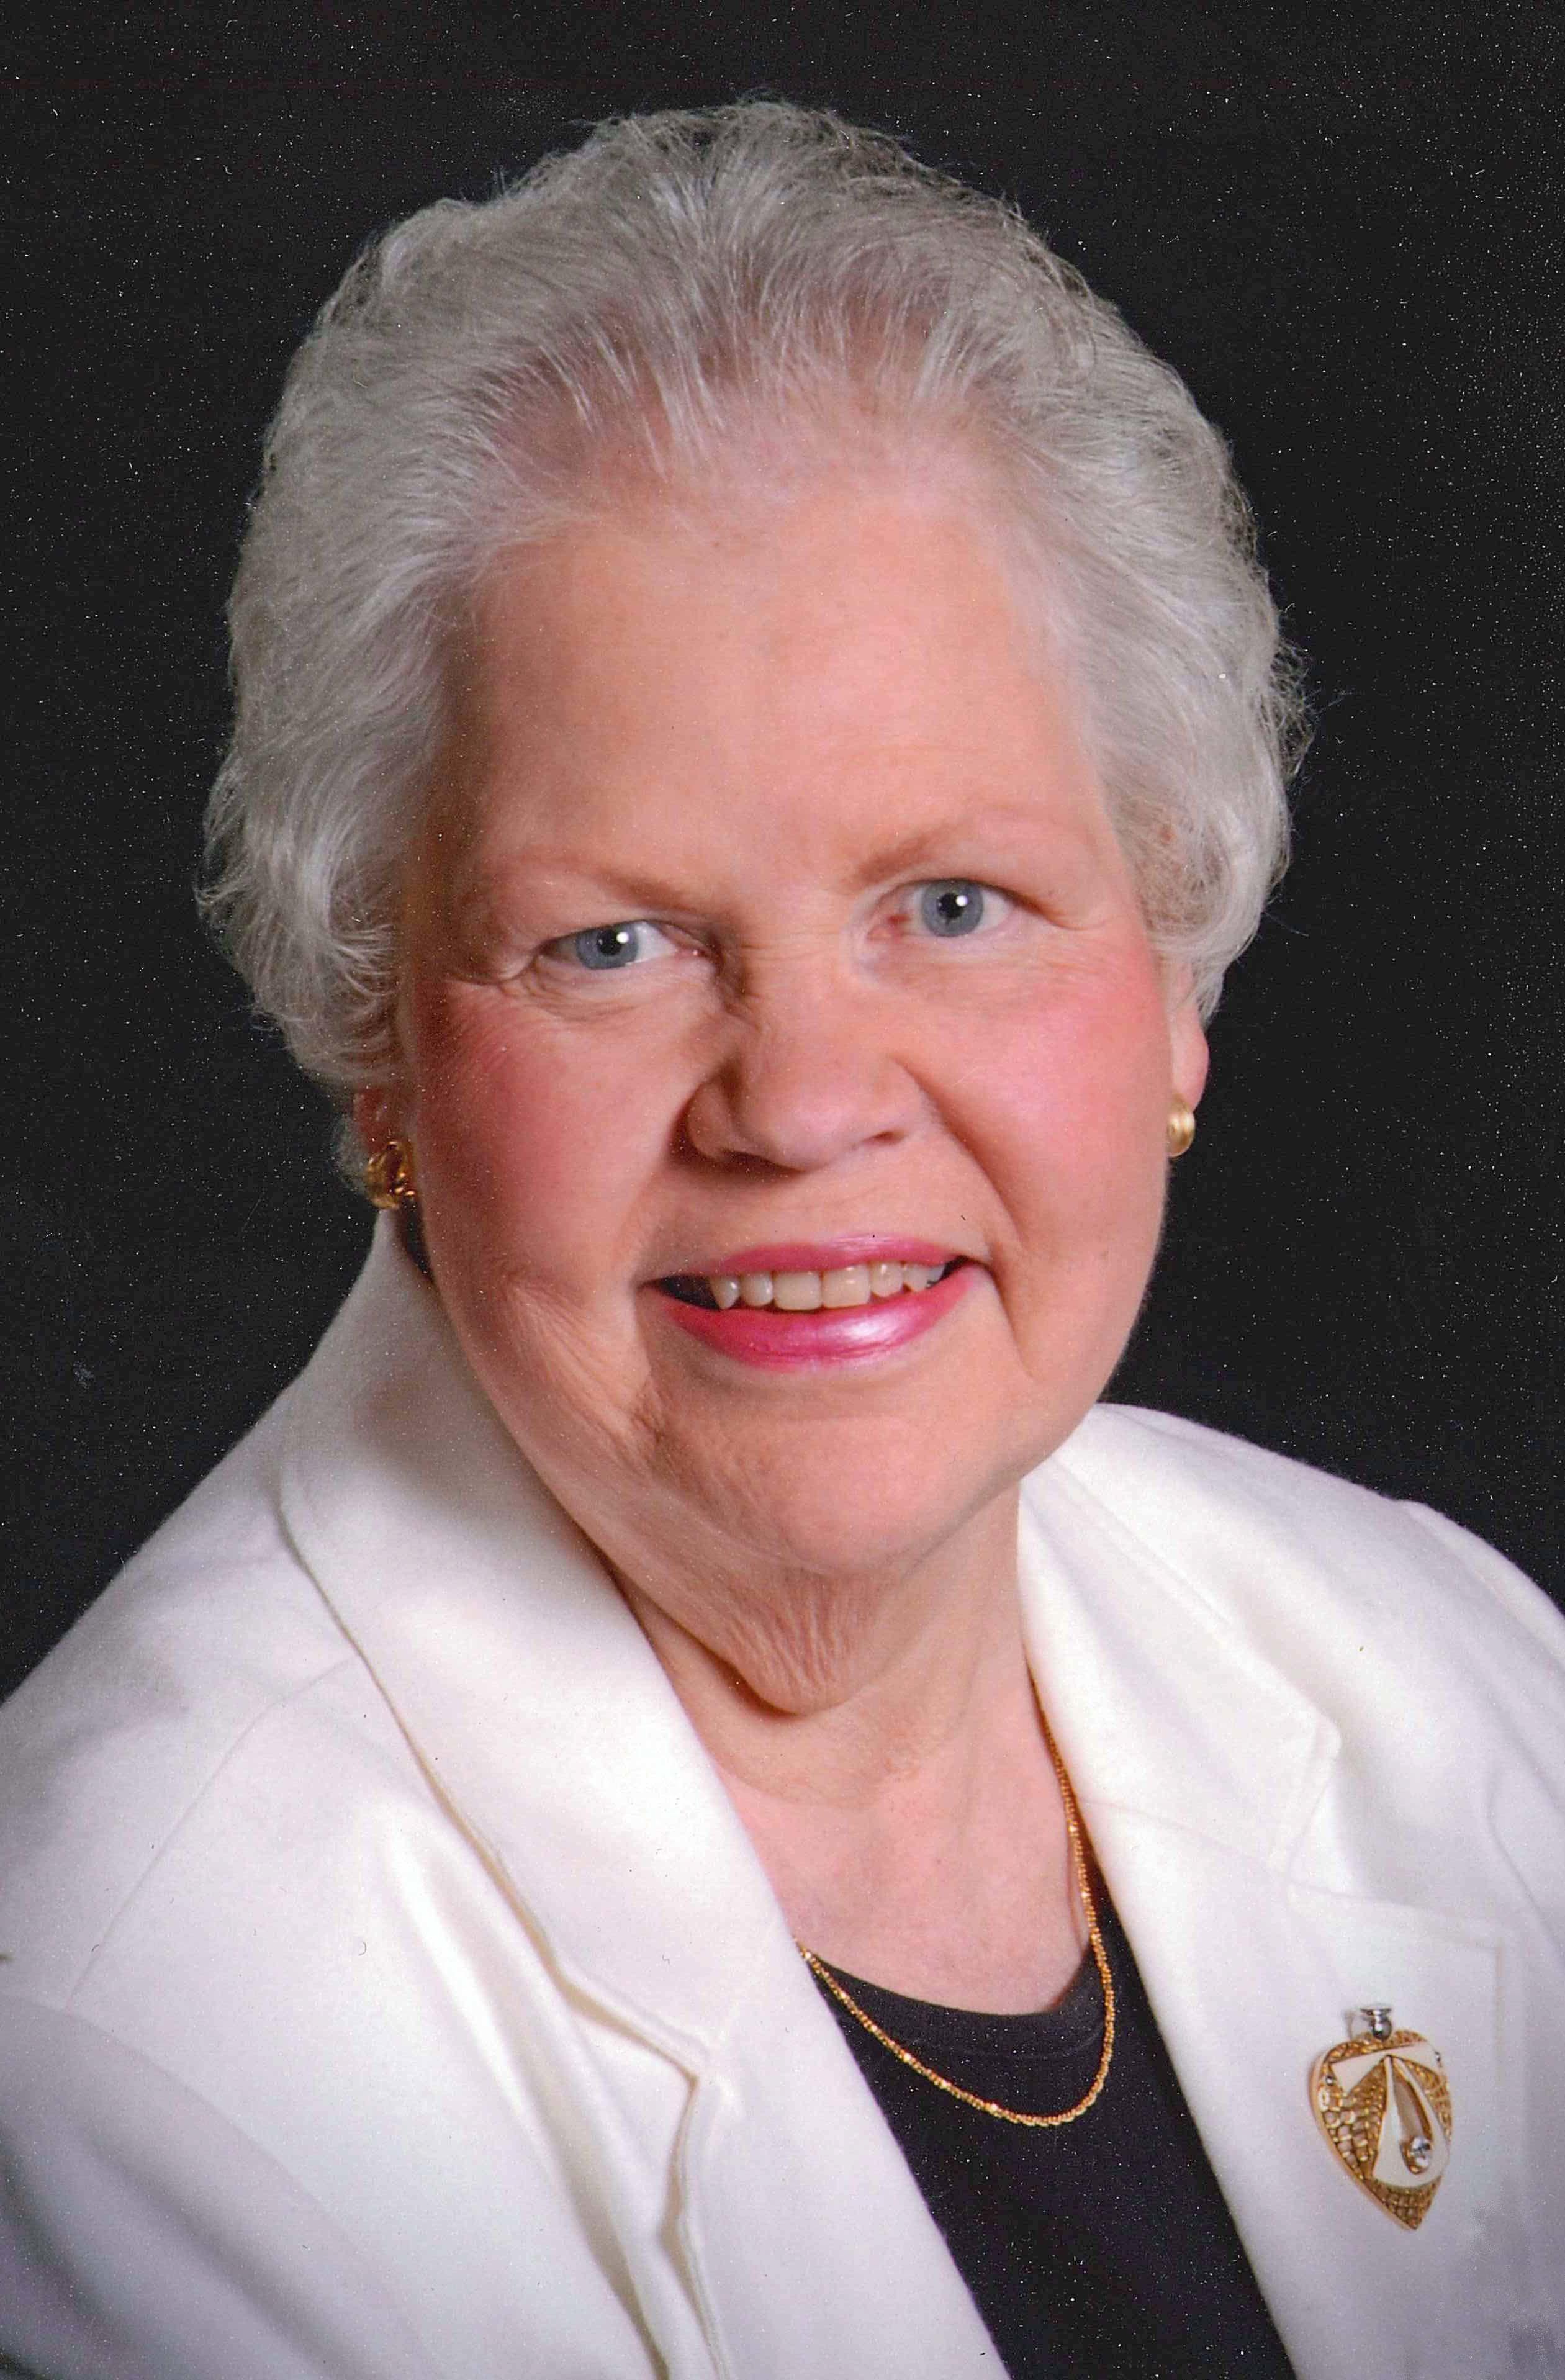 Sharon S. Gulbraa